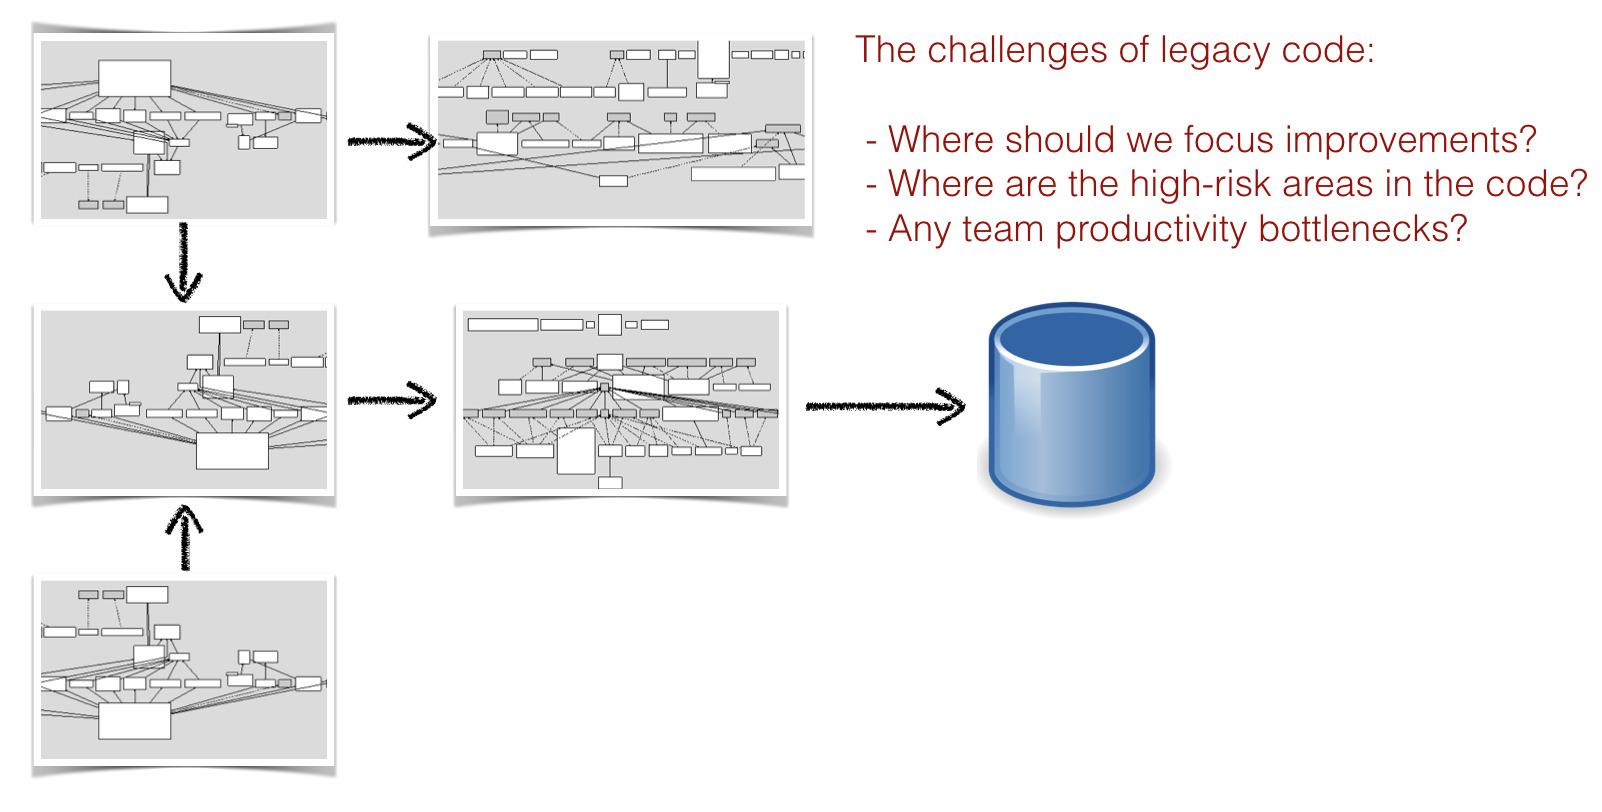 Типичная система состоит из нескольких технологических стеков и сложных подсистем